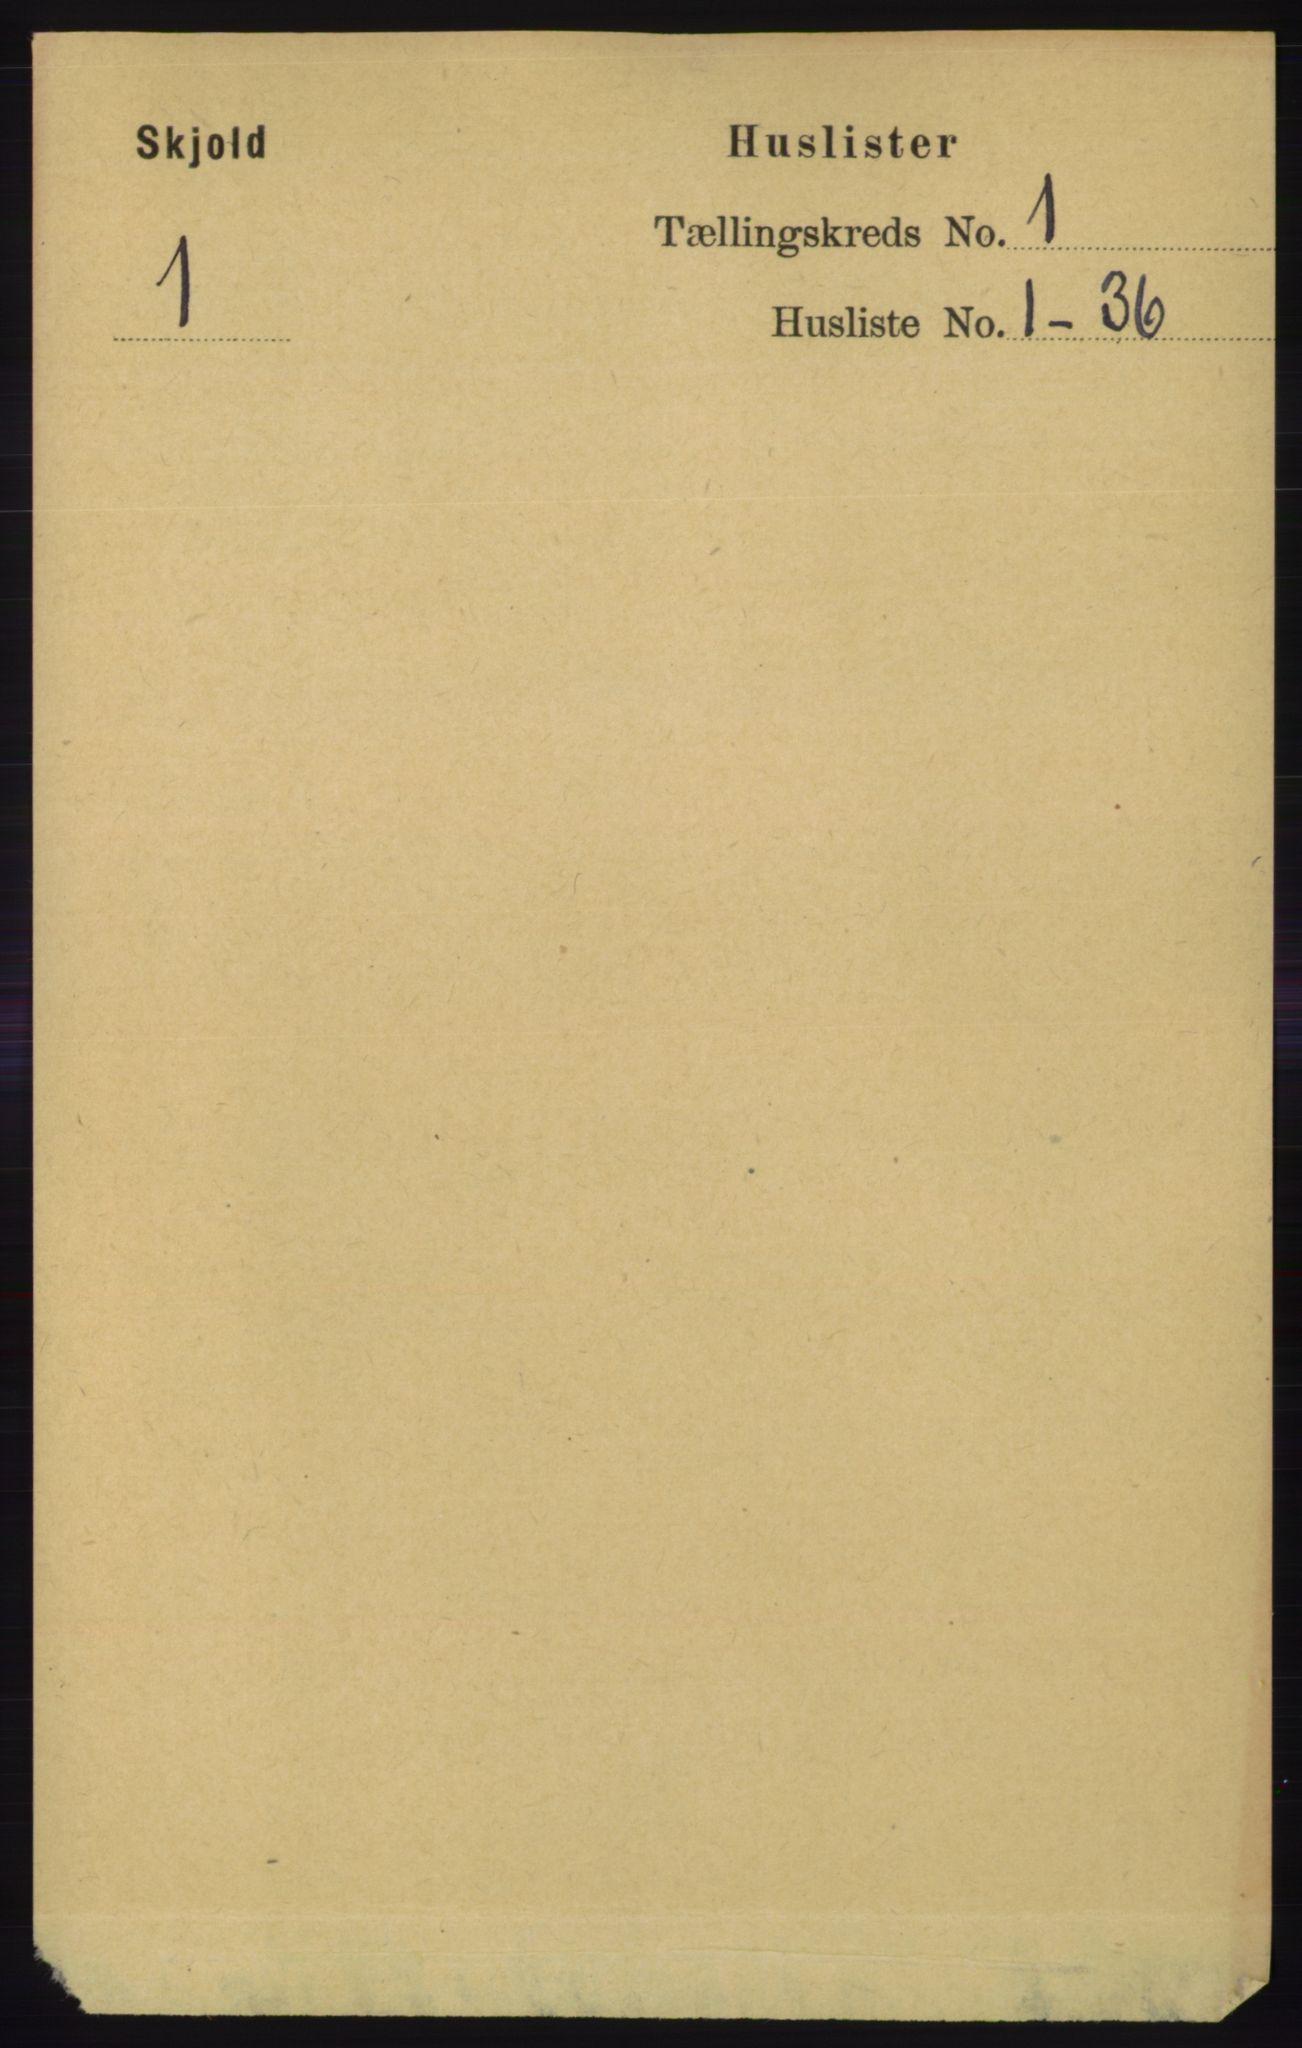 RA, Folketelling 1891 for 1154 Skjold herred, 1891, s. 34